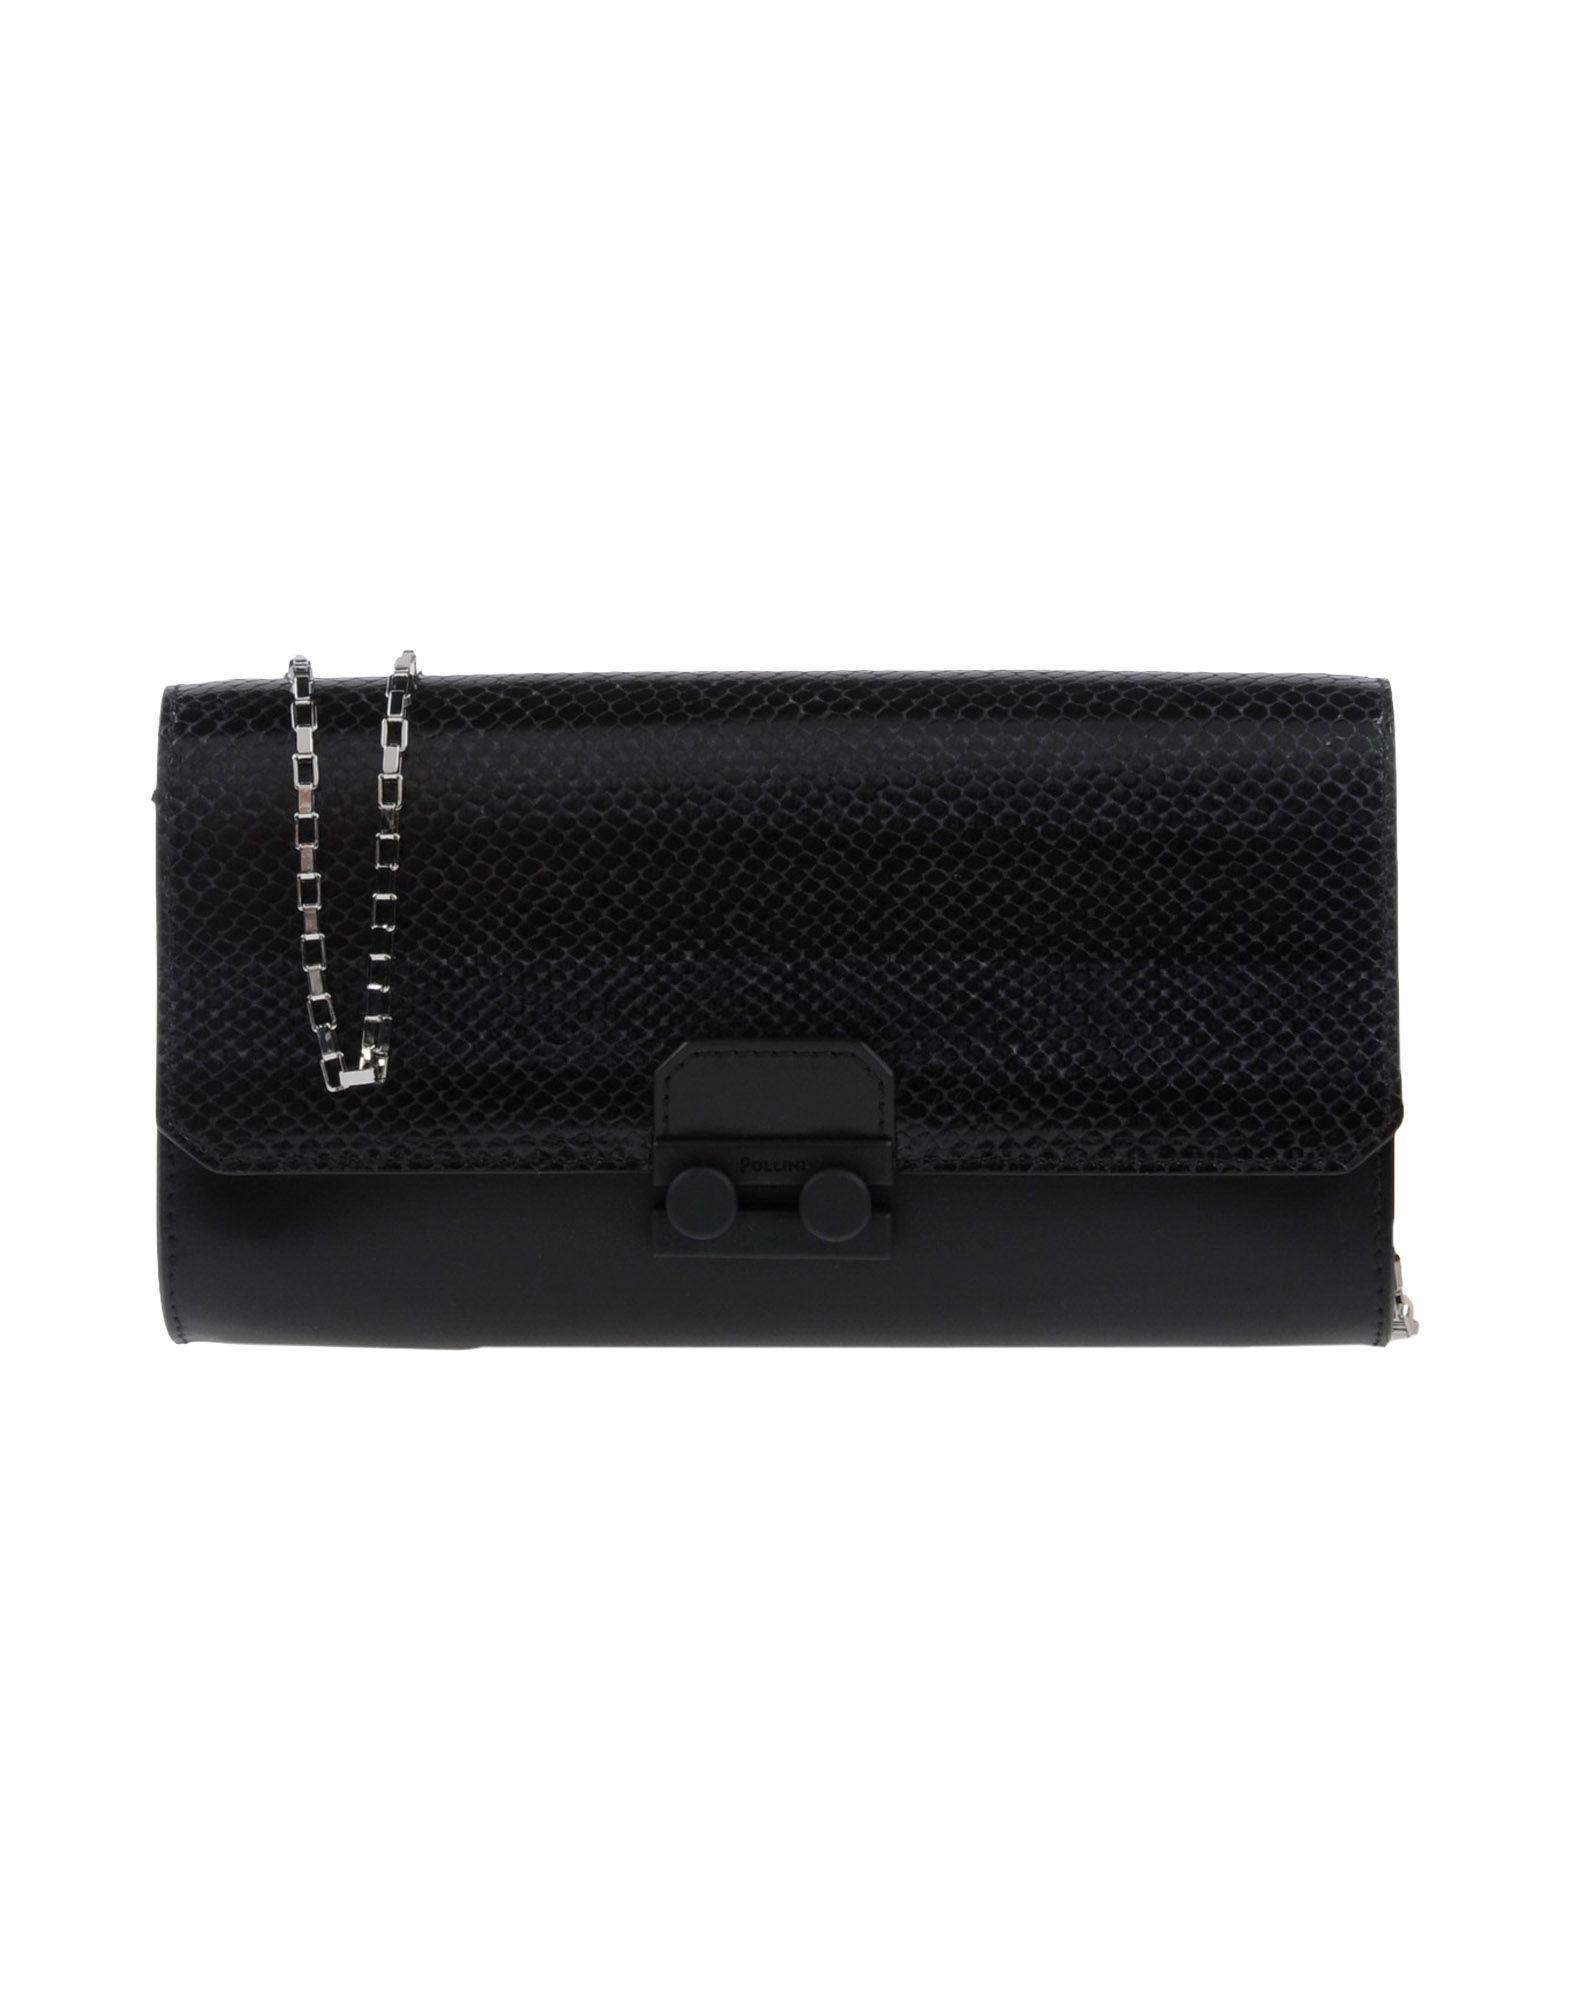 Pollini Handbag In Black